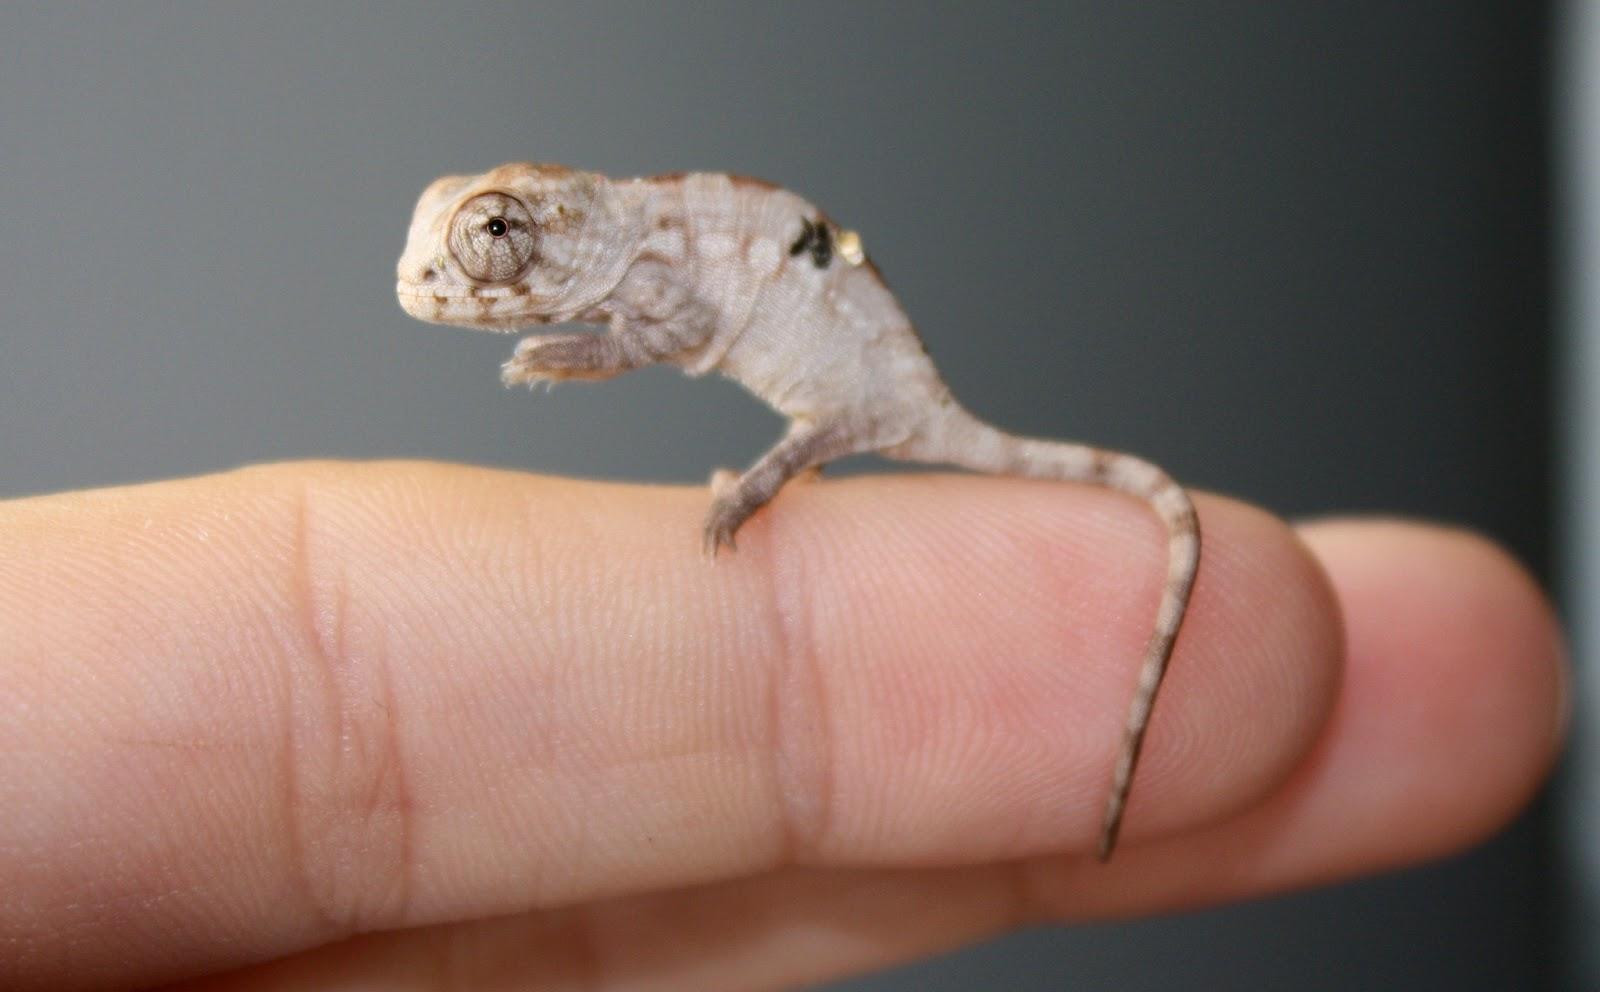 The Chameleons Swamp Thing